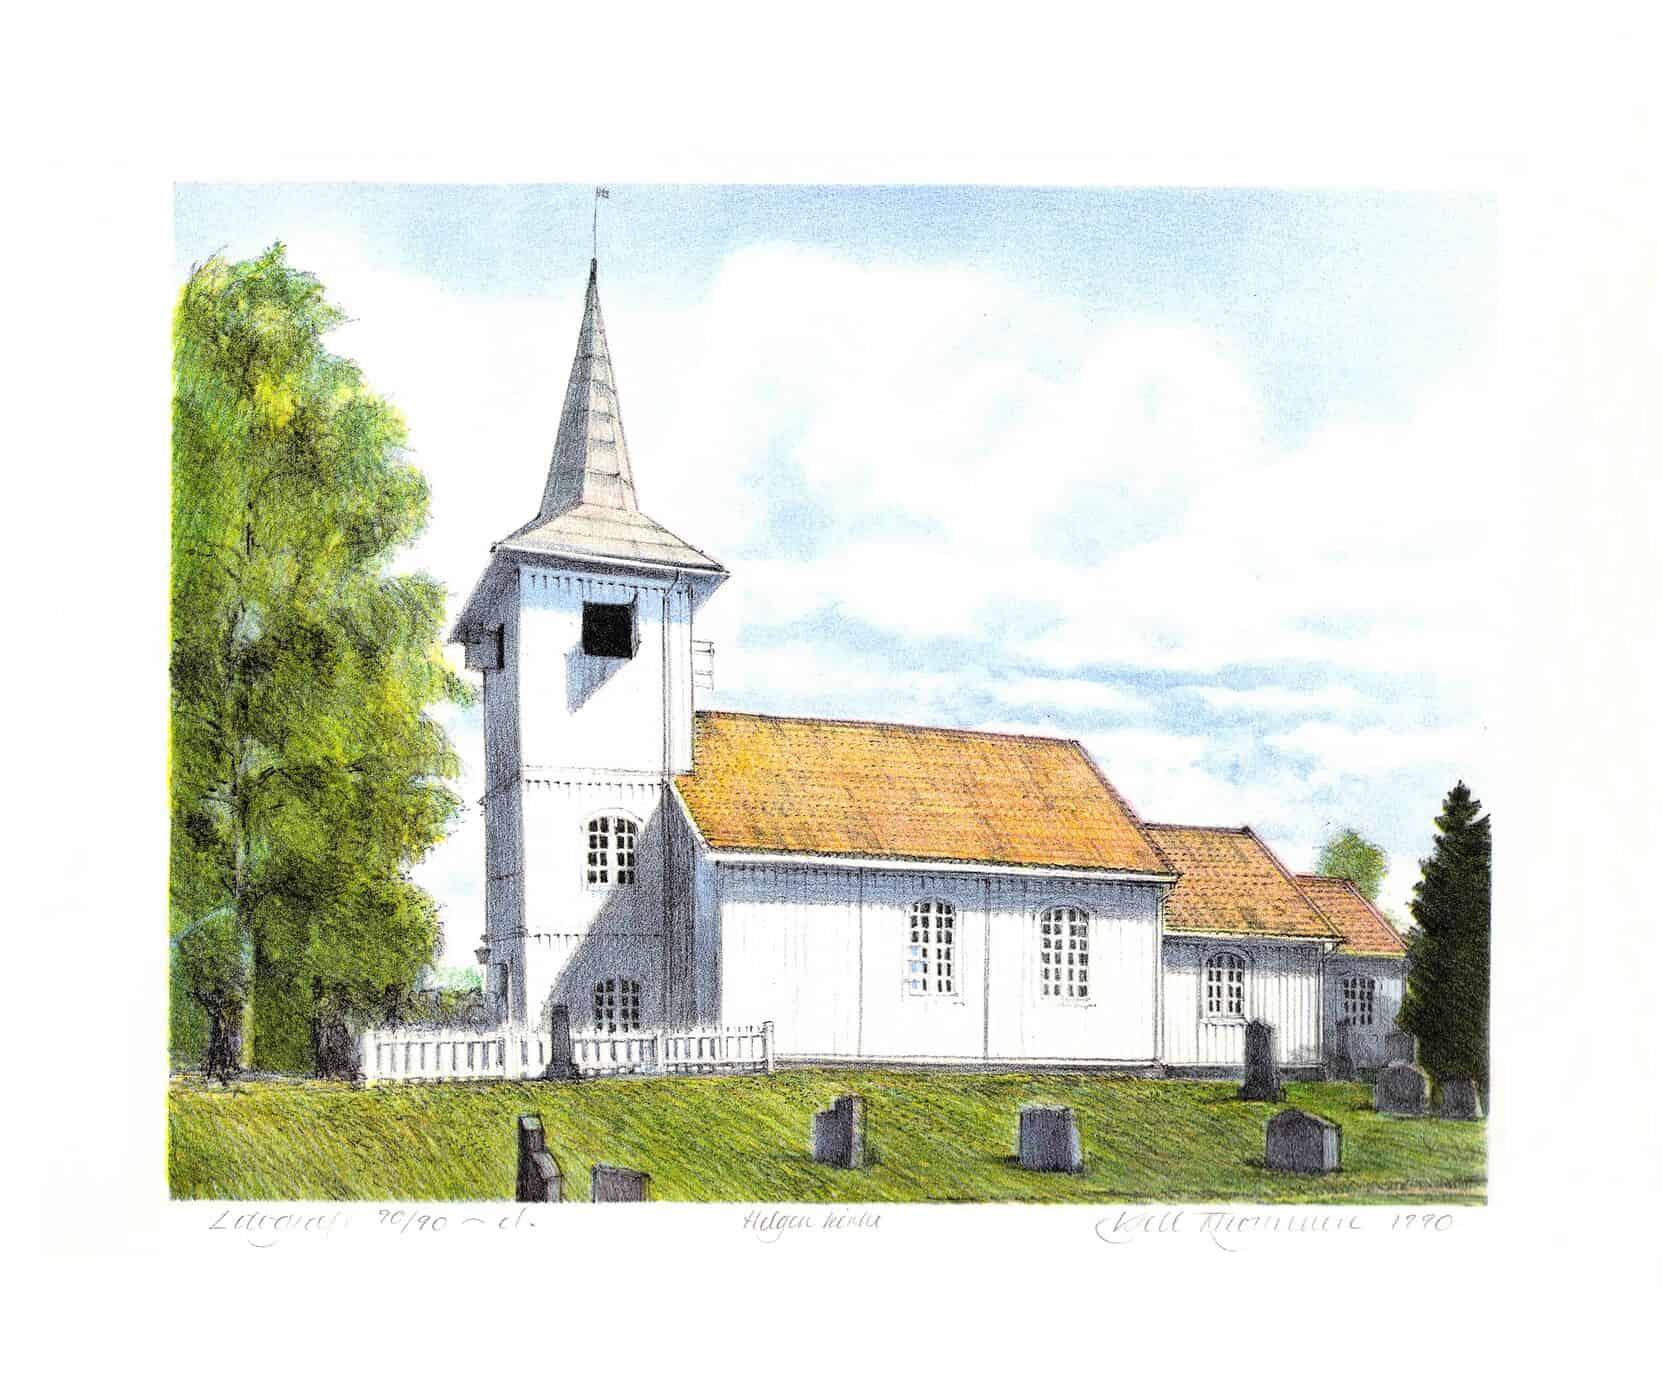 Kjell Thorjussen: Helgen kirke (1990)